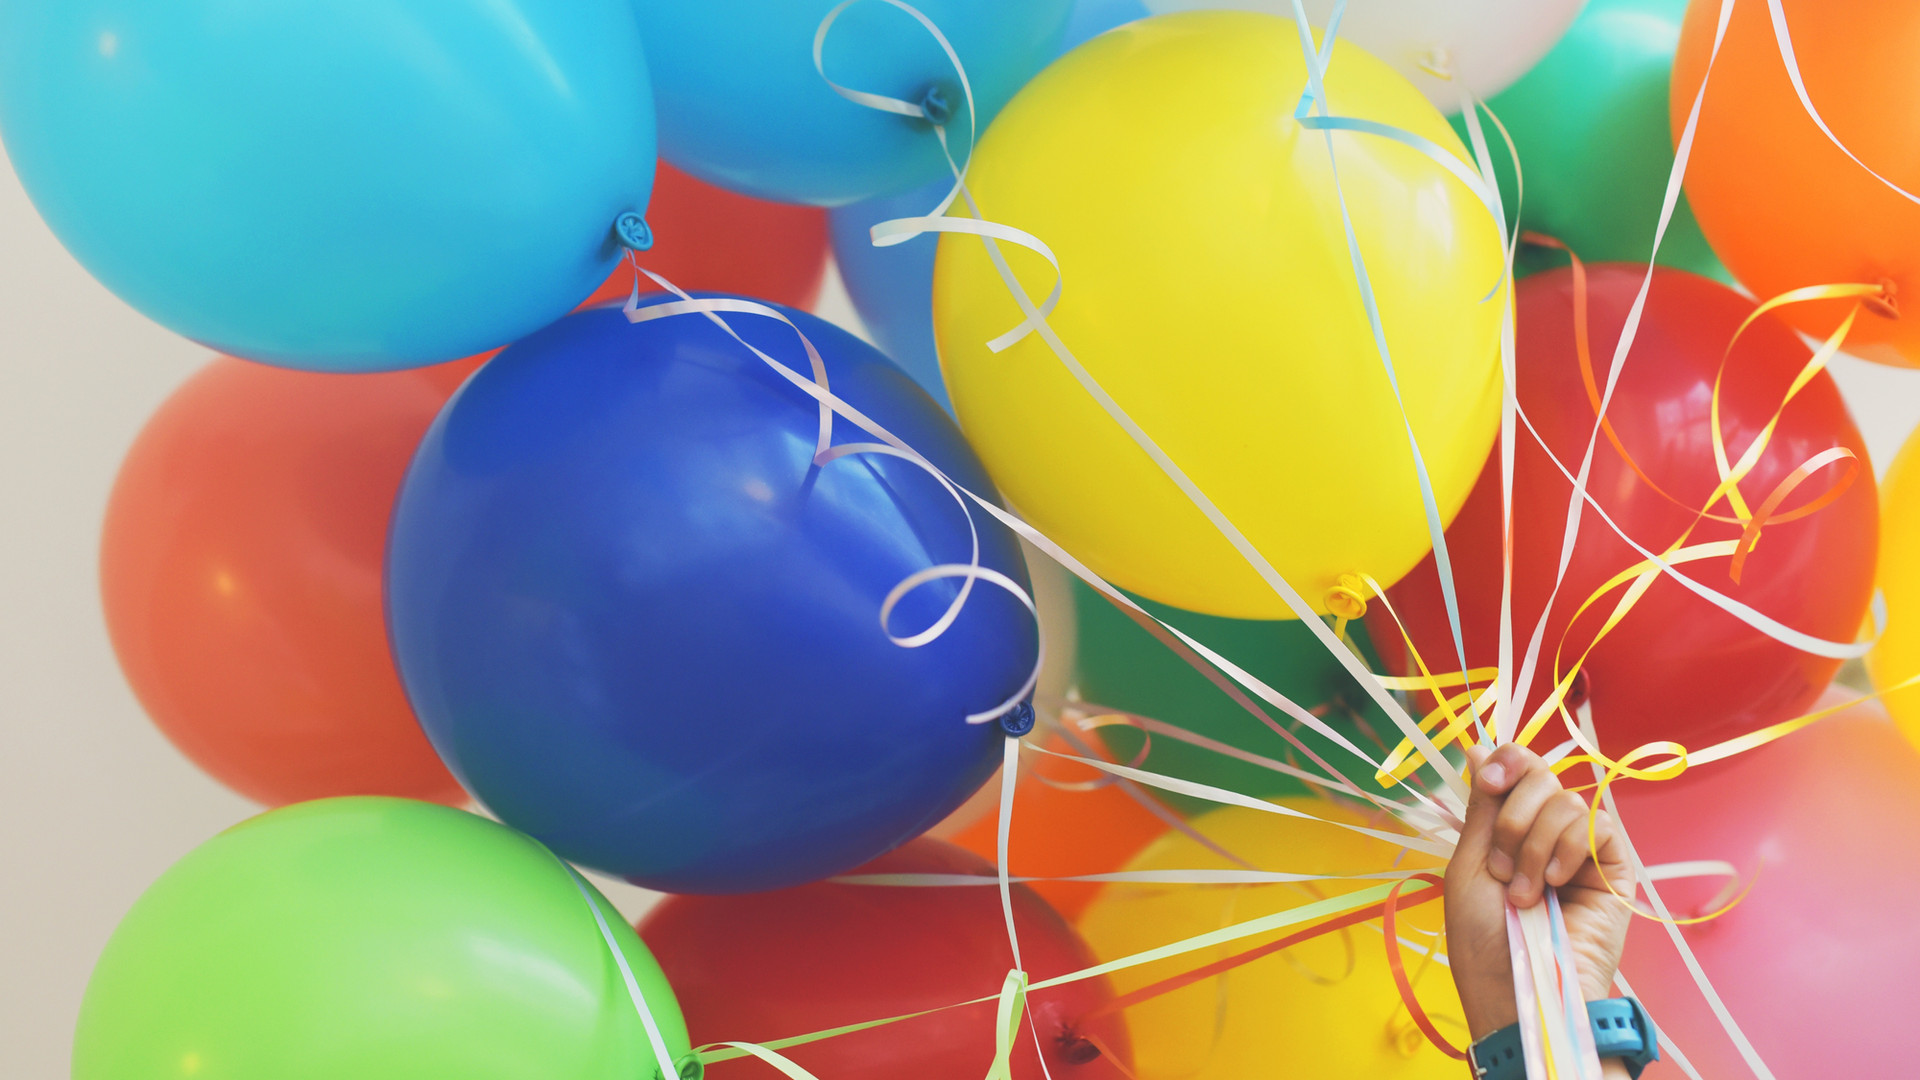 Bunte Luftballons